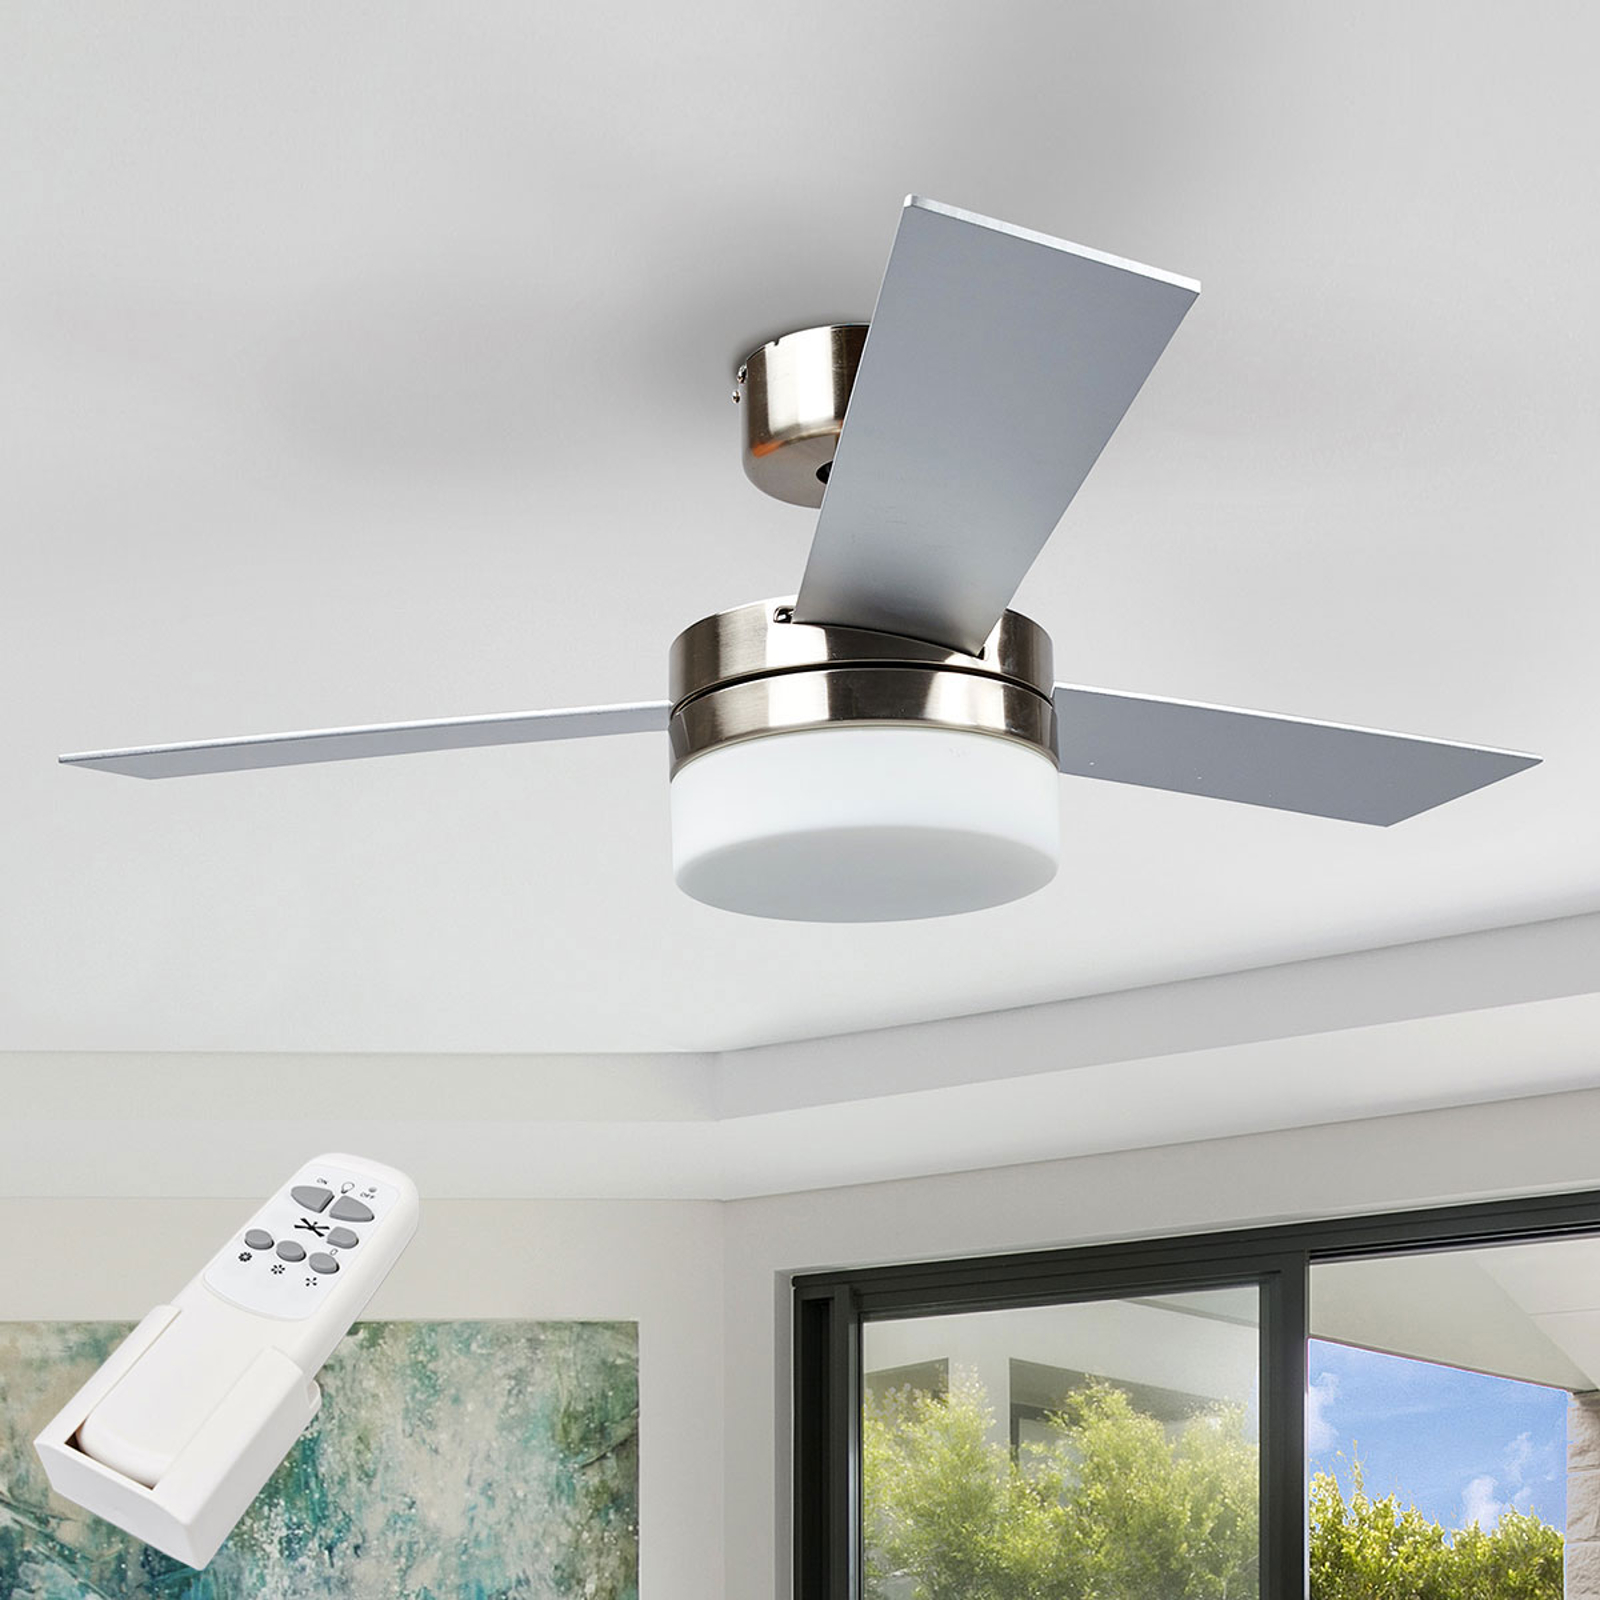 Ventilador de techo Alvin con tres palas y luz